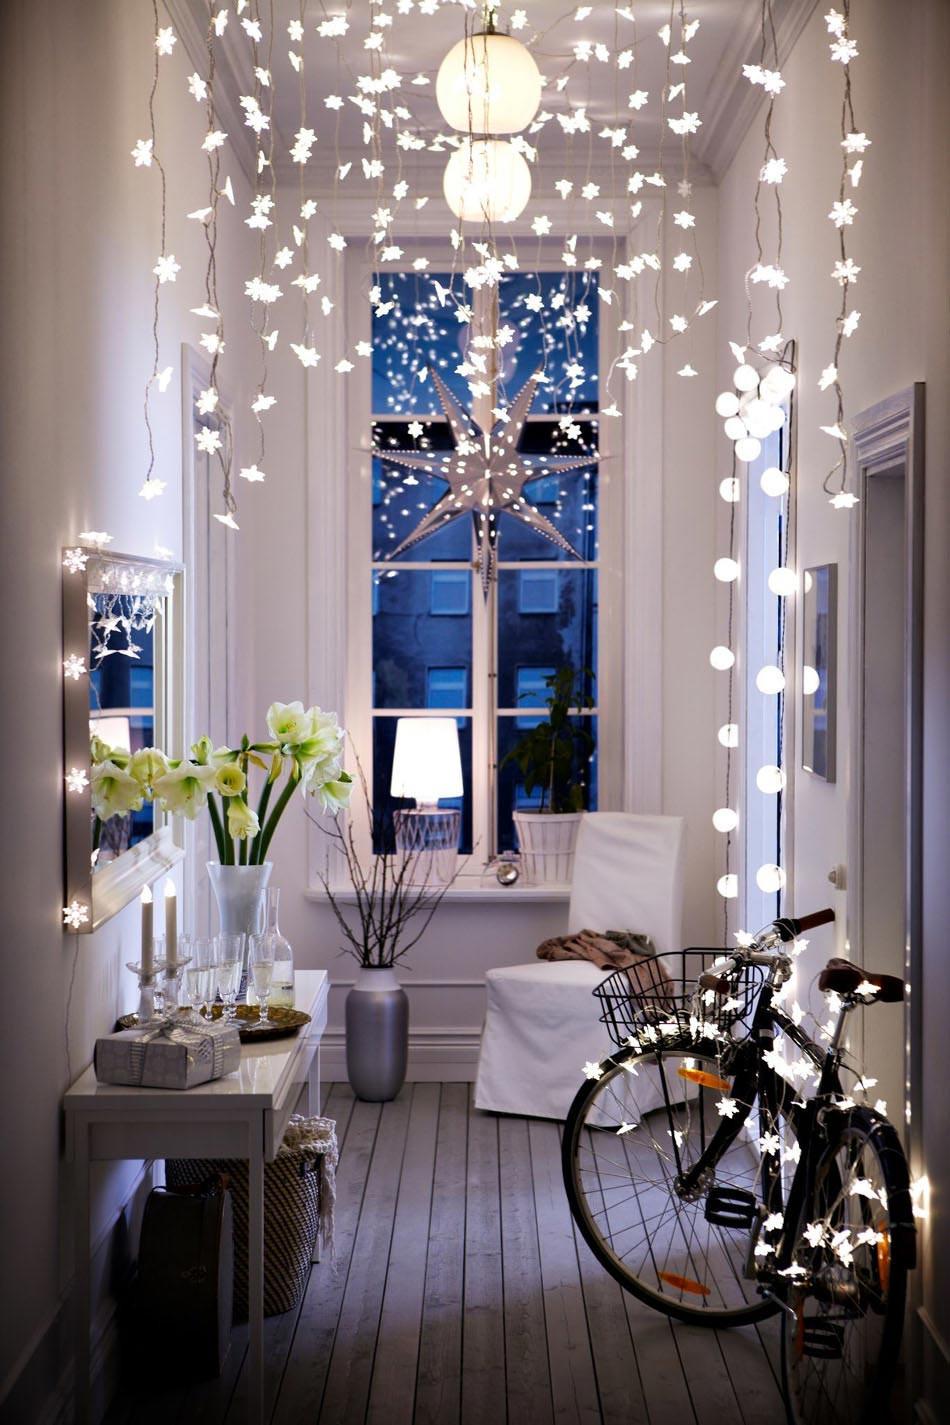 Deco noel interieur maison americaine - Idée de luminaire et lampe ...